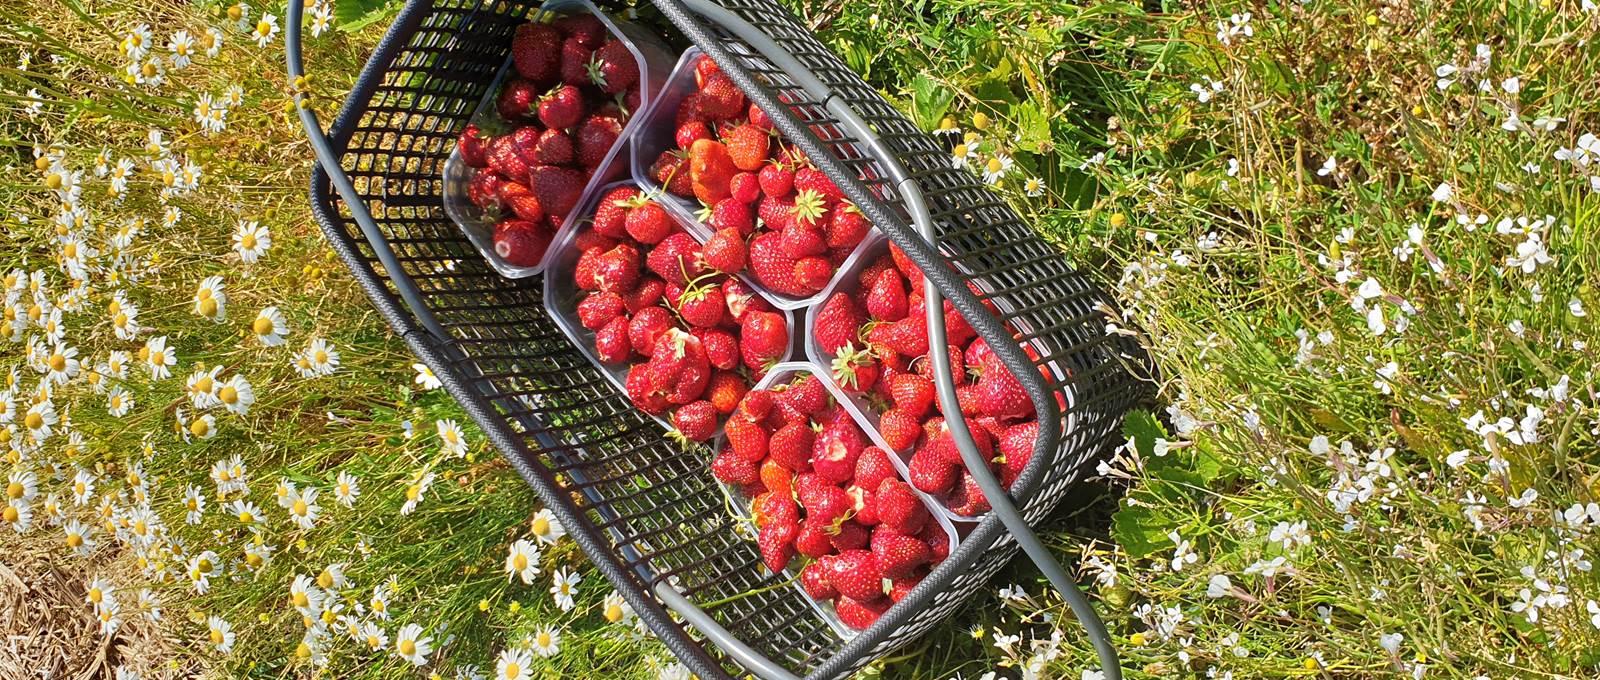 La cueillette de fraises